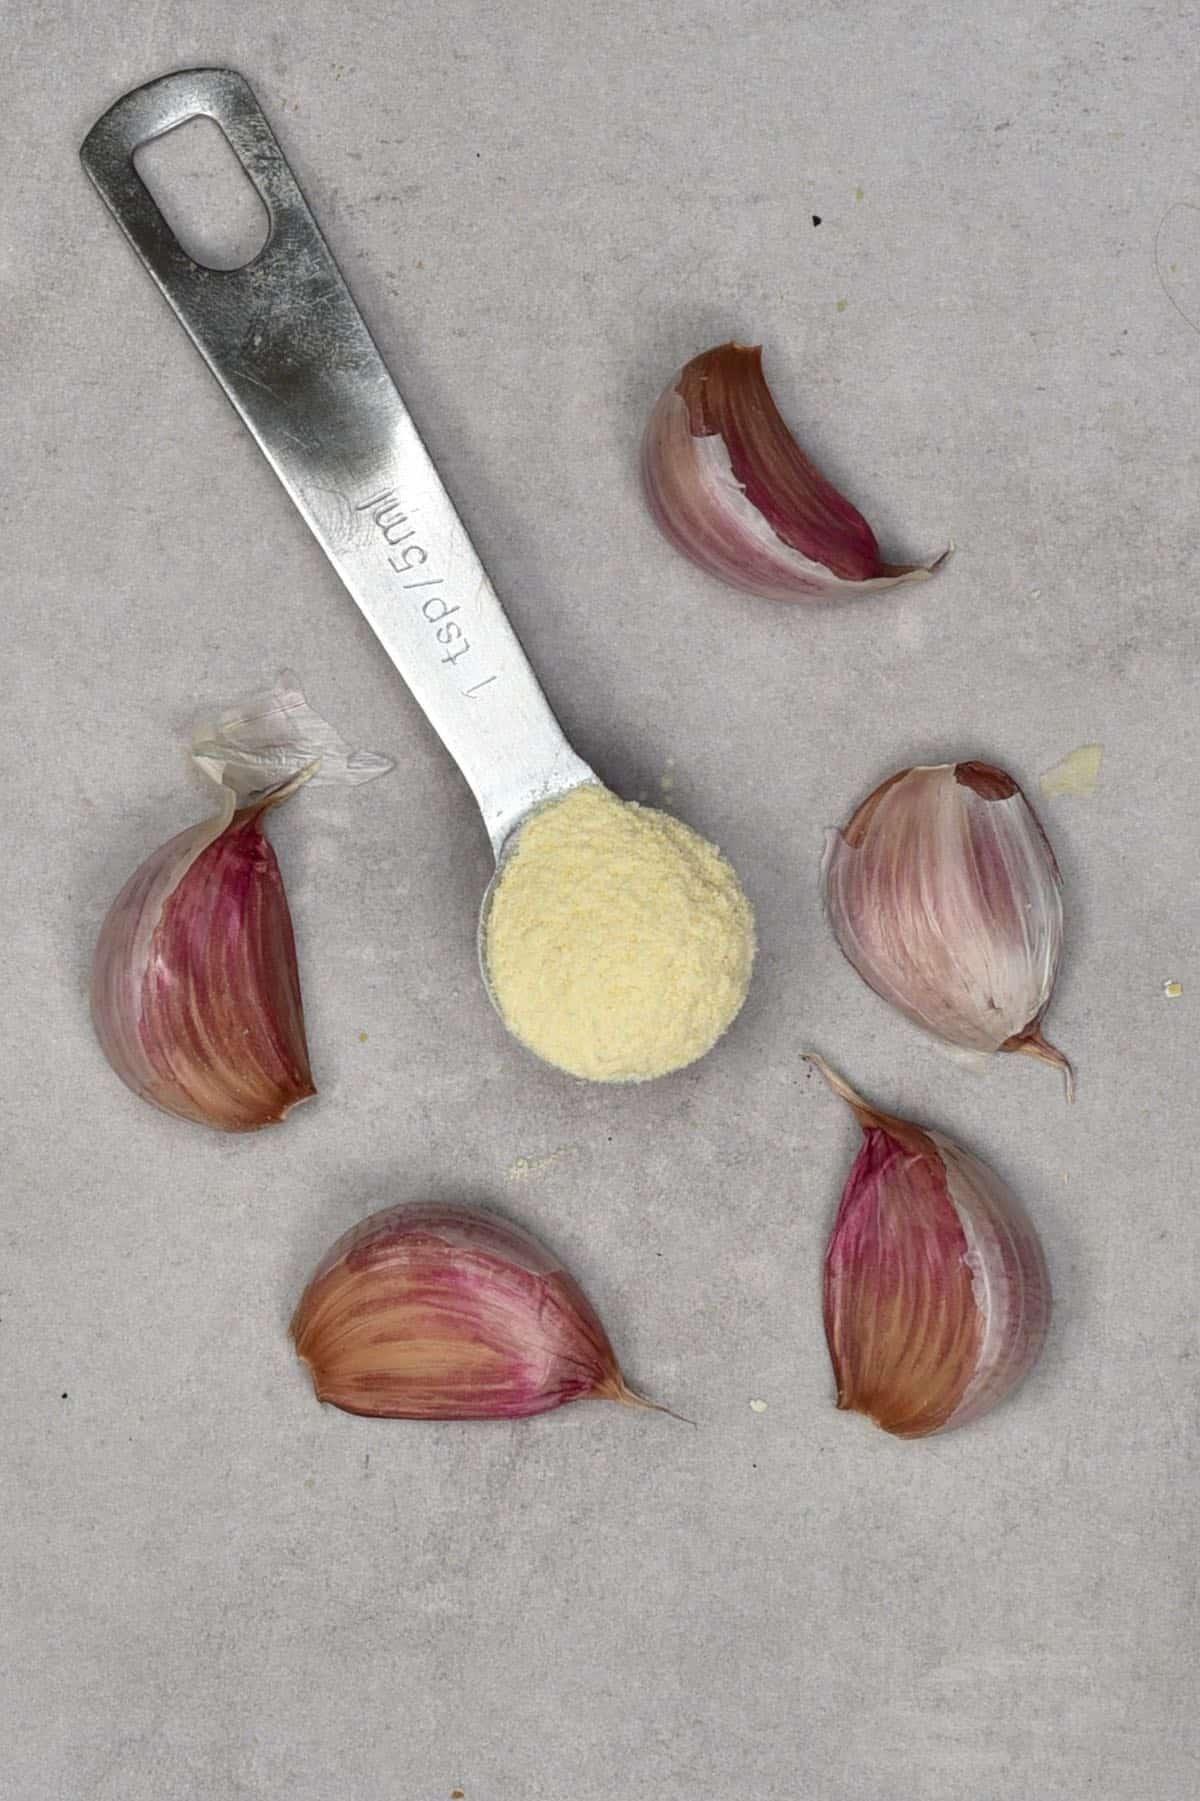 Garlic powder in a teaspoon with five garlic cloves around it